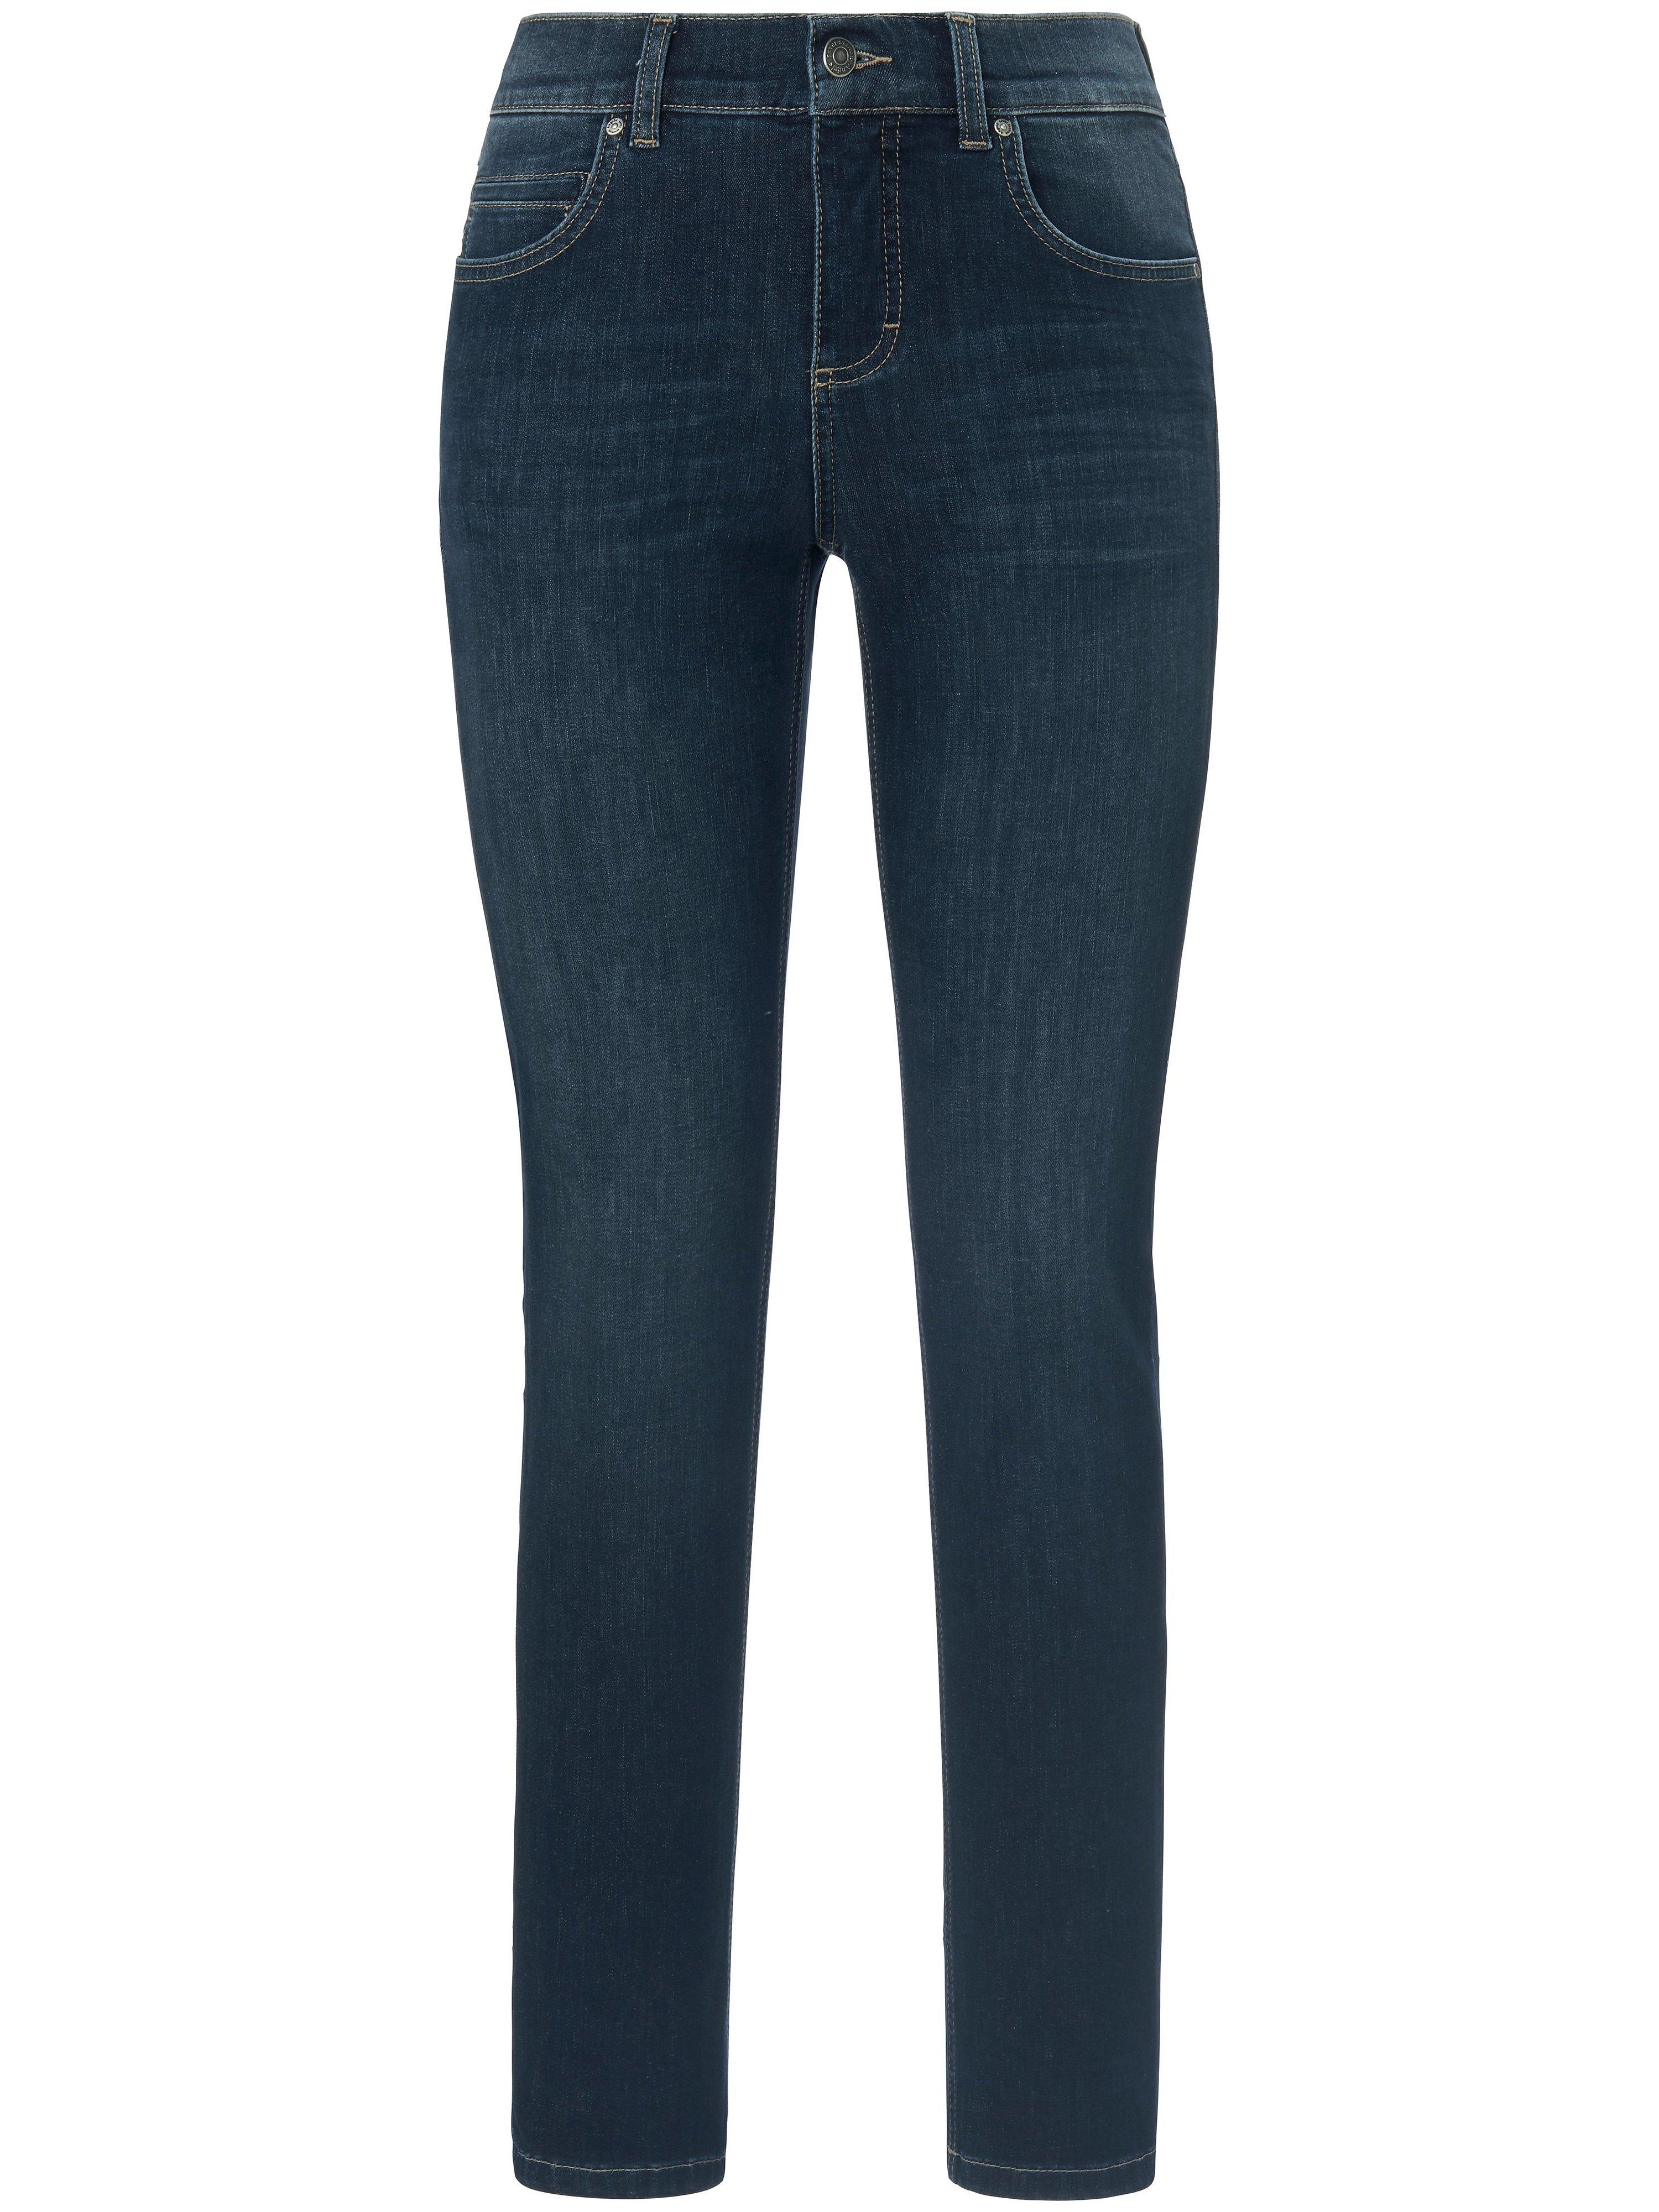 Jeans Van ANGELS blauw